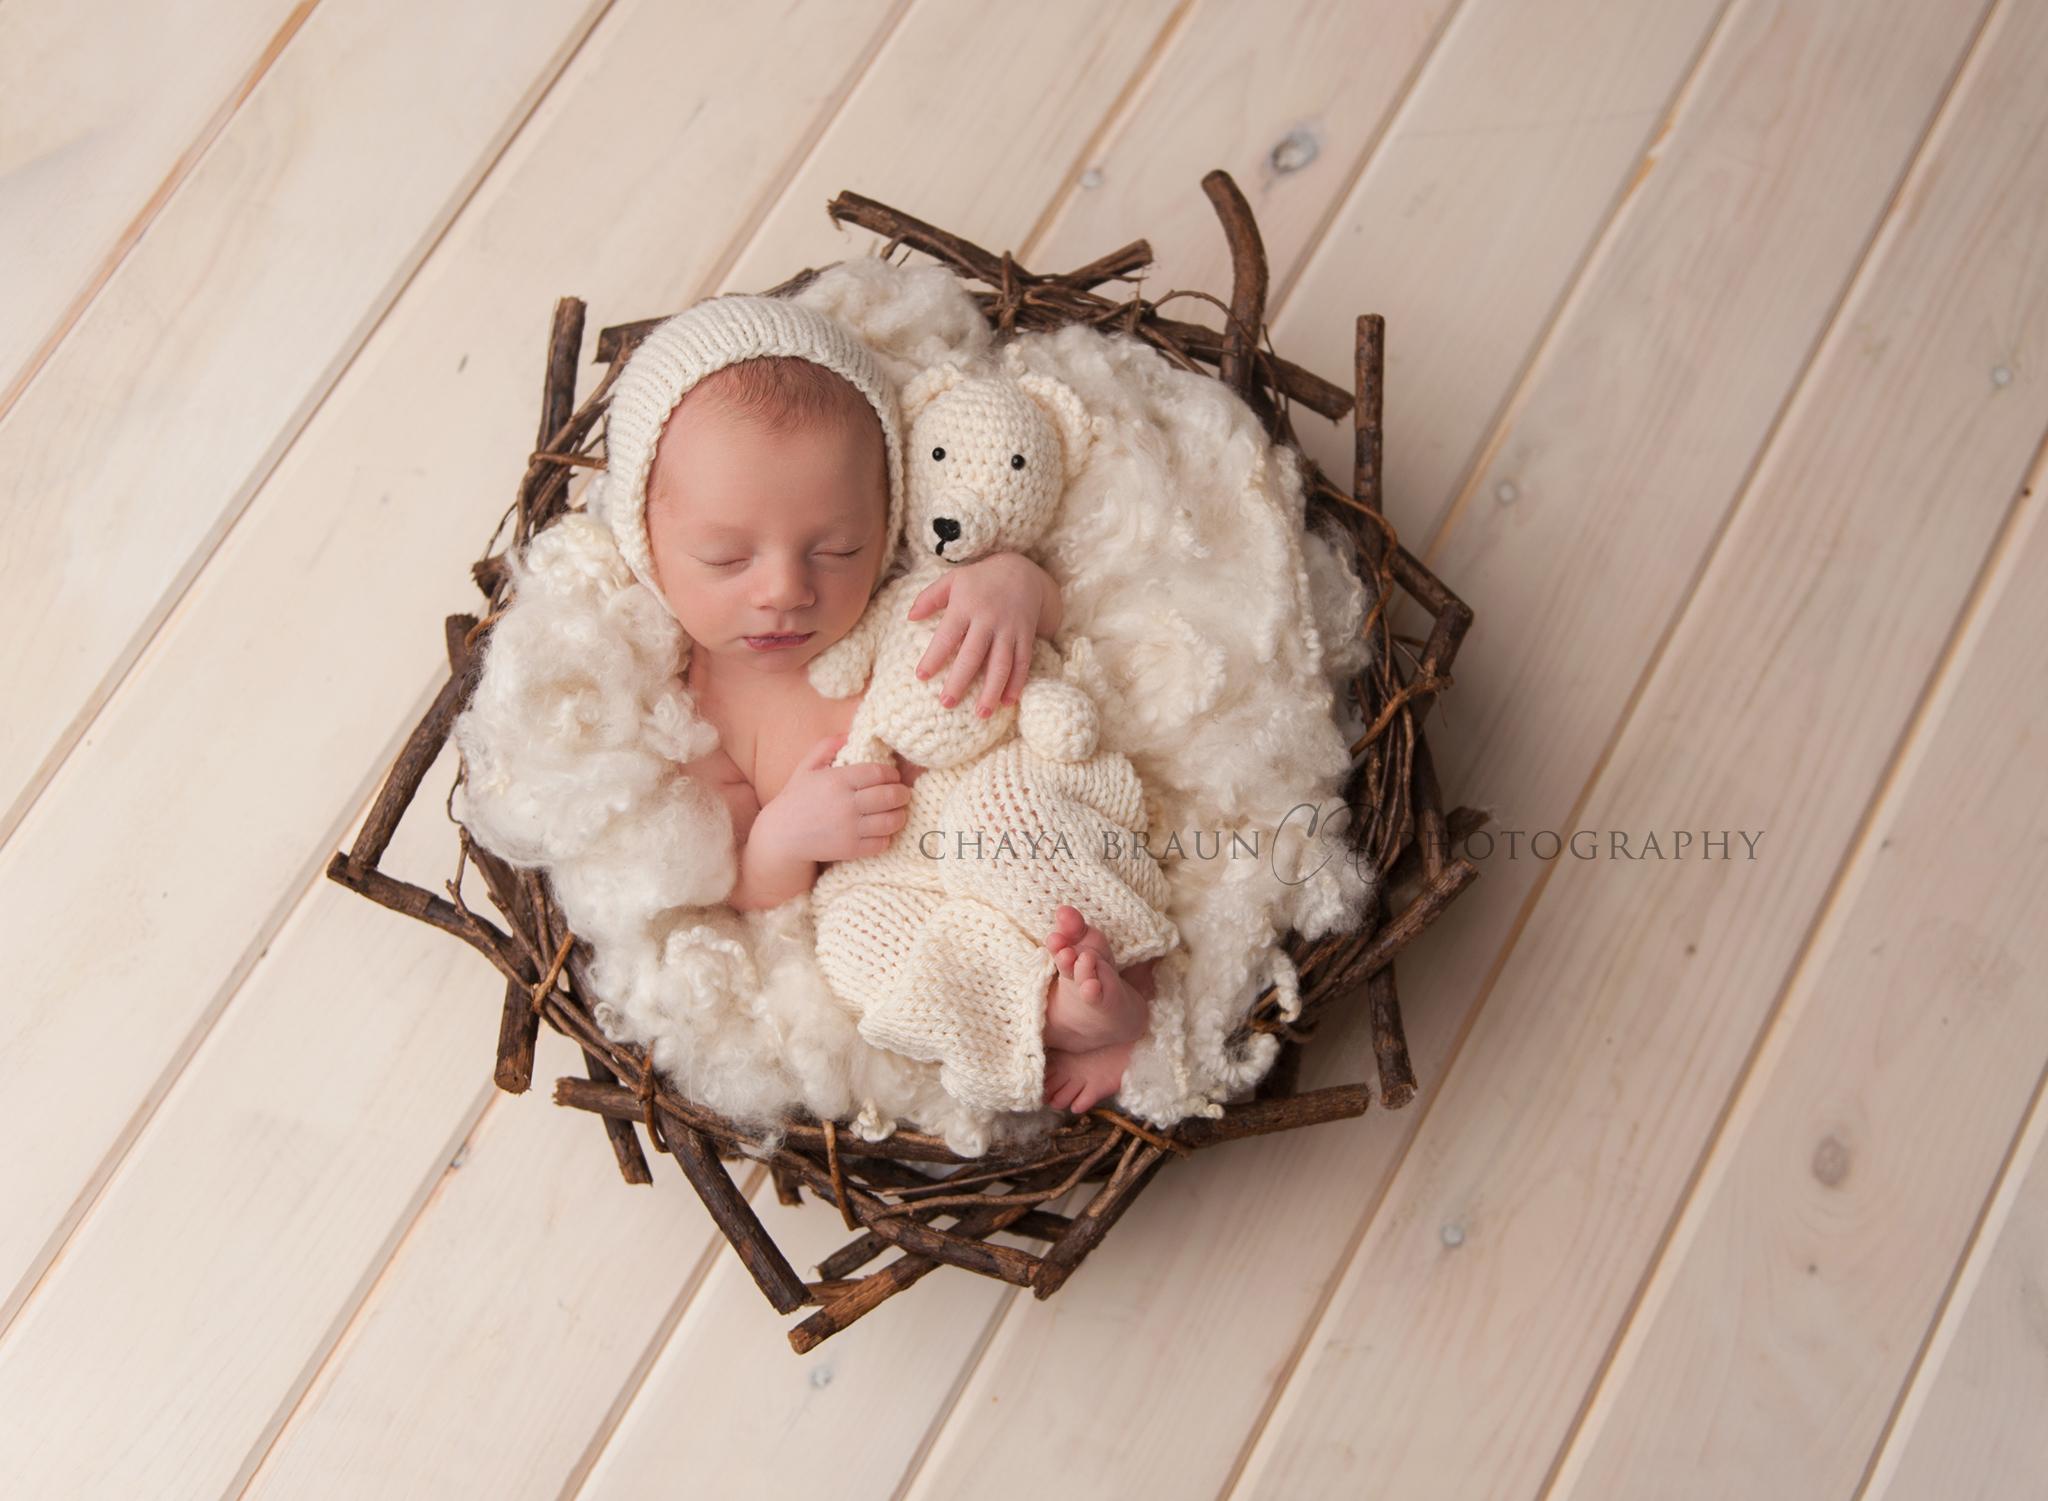 newborn baby in nest